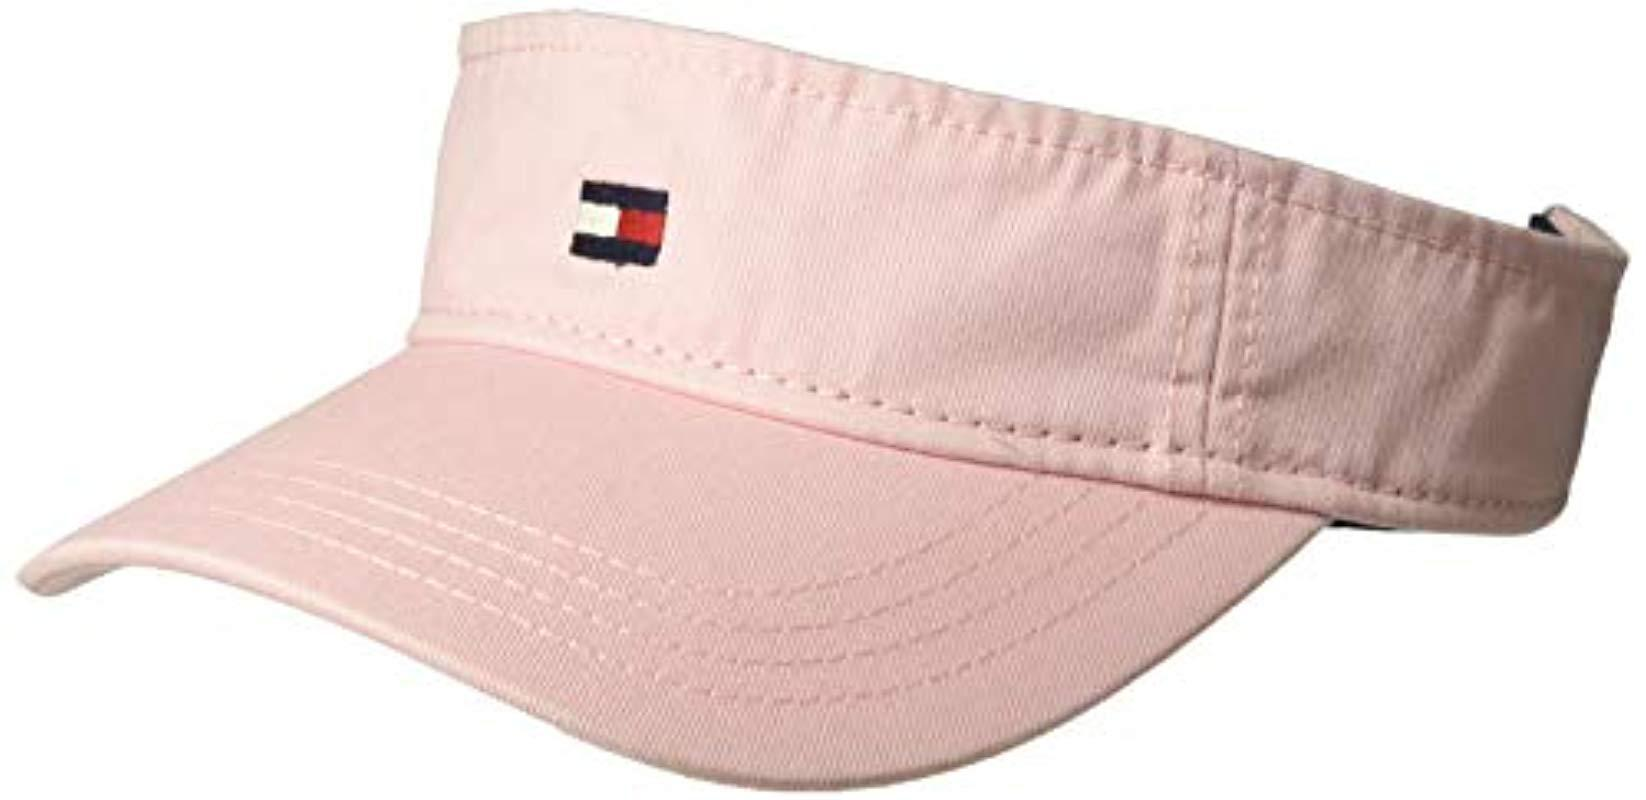 Lyst - Tommy Hilfiger Dad Hat Flag Solid Cotton Visor in Pink for Men 918ce703176b